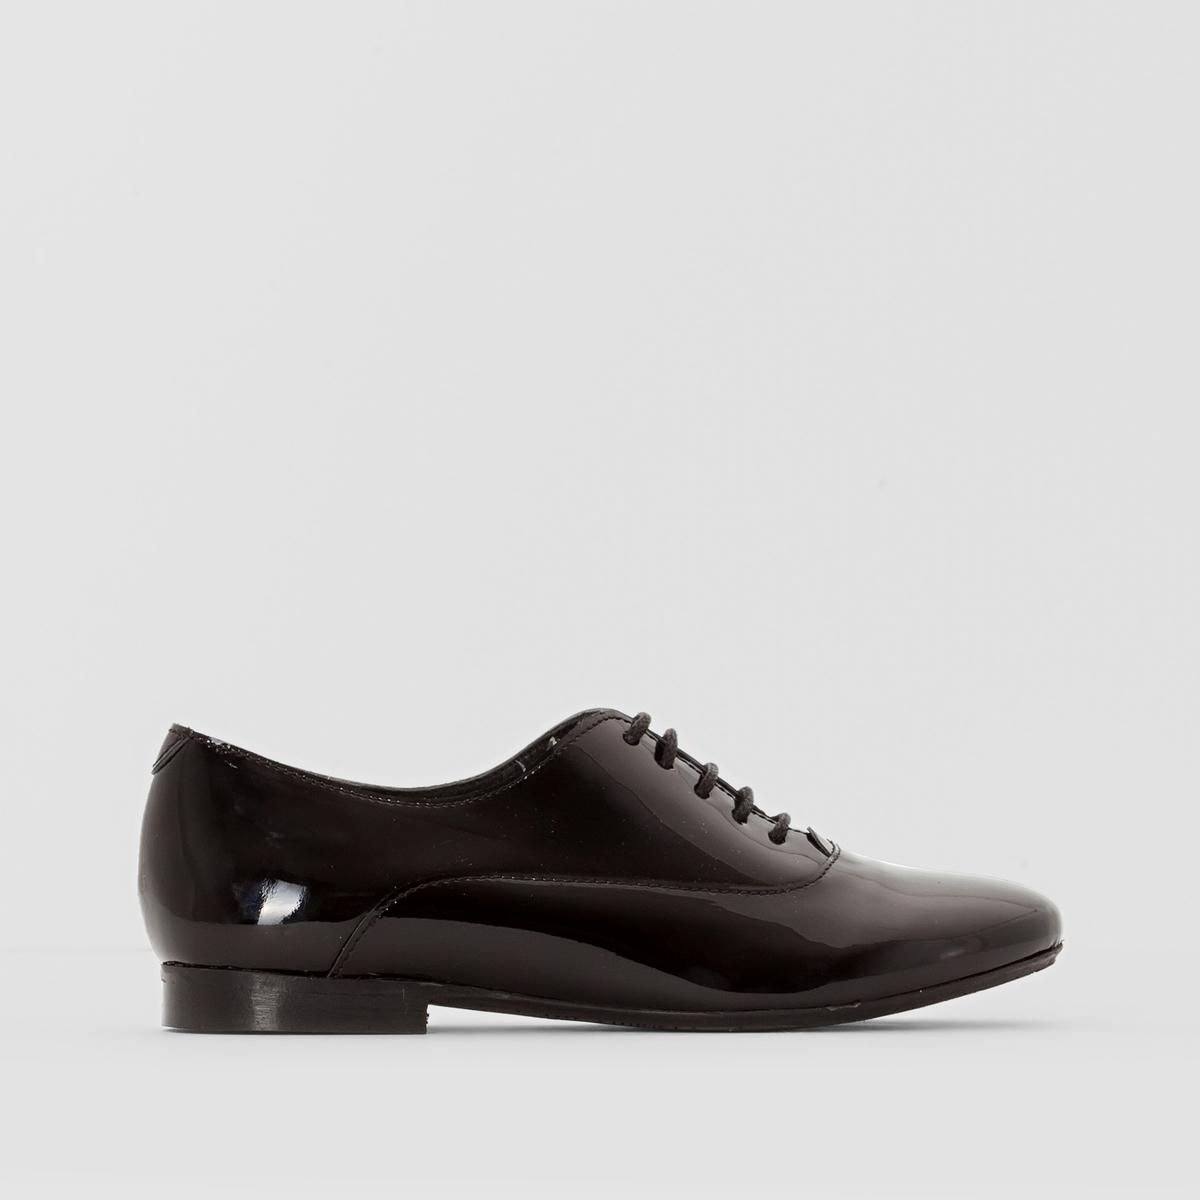 Ботинки дерби ANNEВерх/Голенище : кожа               Подкладка : кожа          Стелька  : кожа          Подошва : Каучук.   Форма каблука : плоский каблук         Мысок : закругленный          Застежка : Шнуровка         Преимущества : Марка детской обуви от фирмы JONAK<br><br>Цвет: черный/черный лак<br>Размер: 32